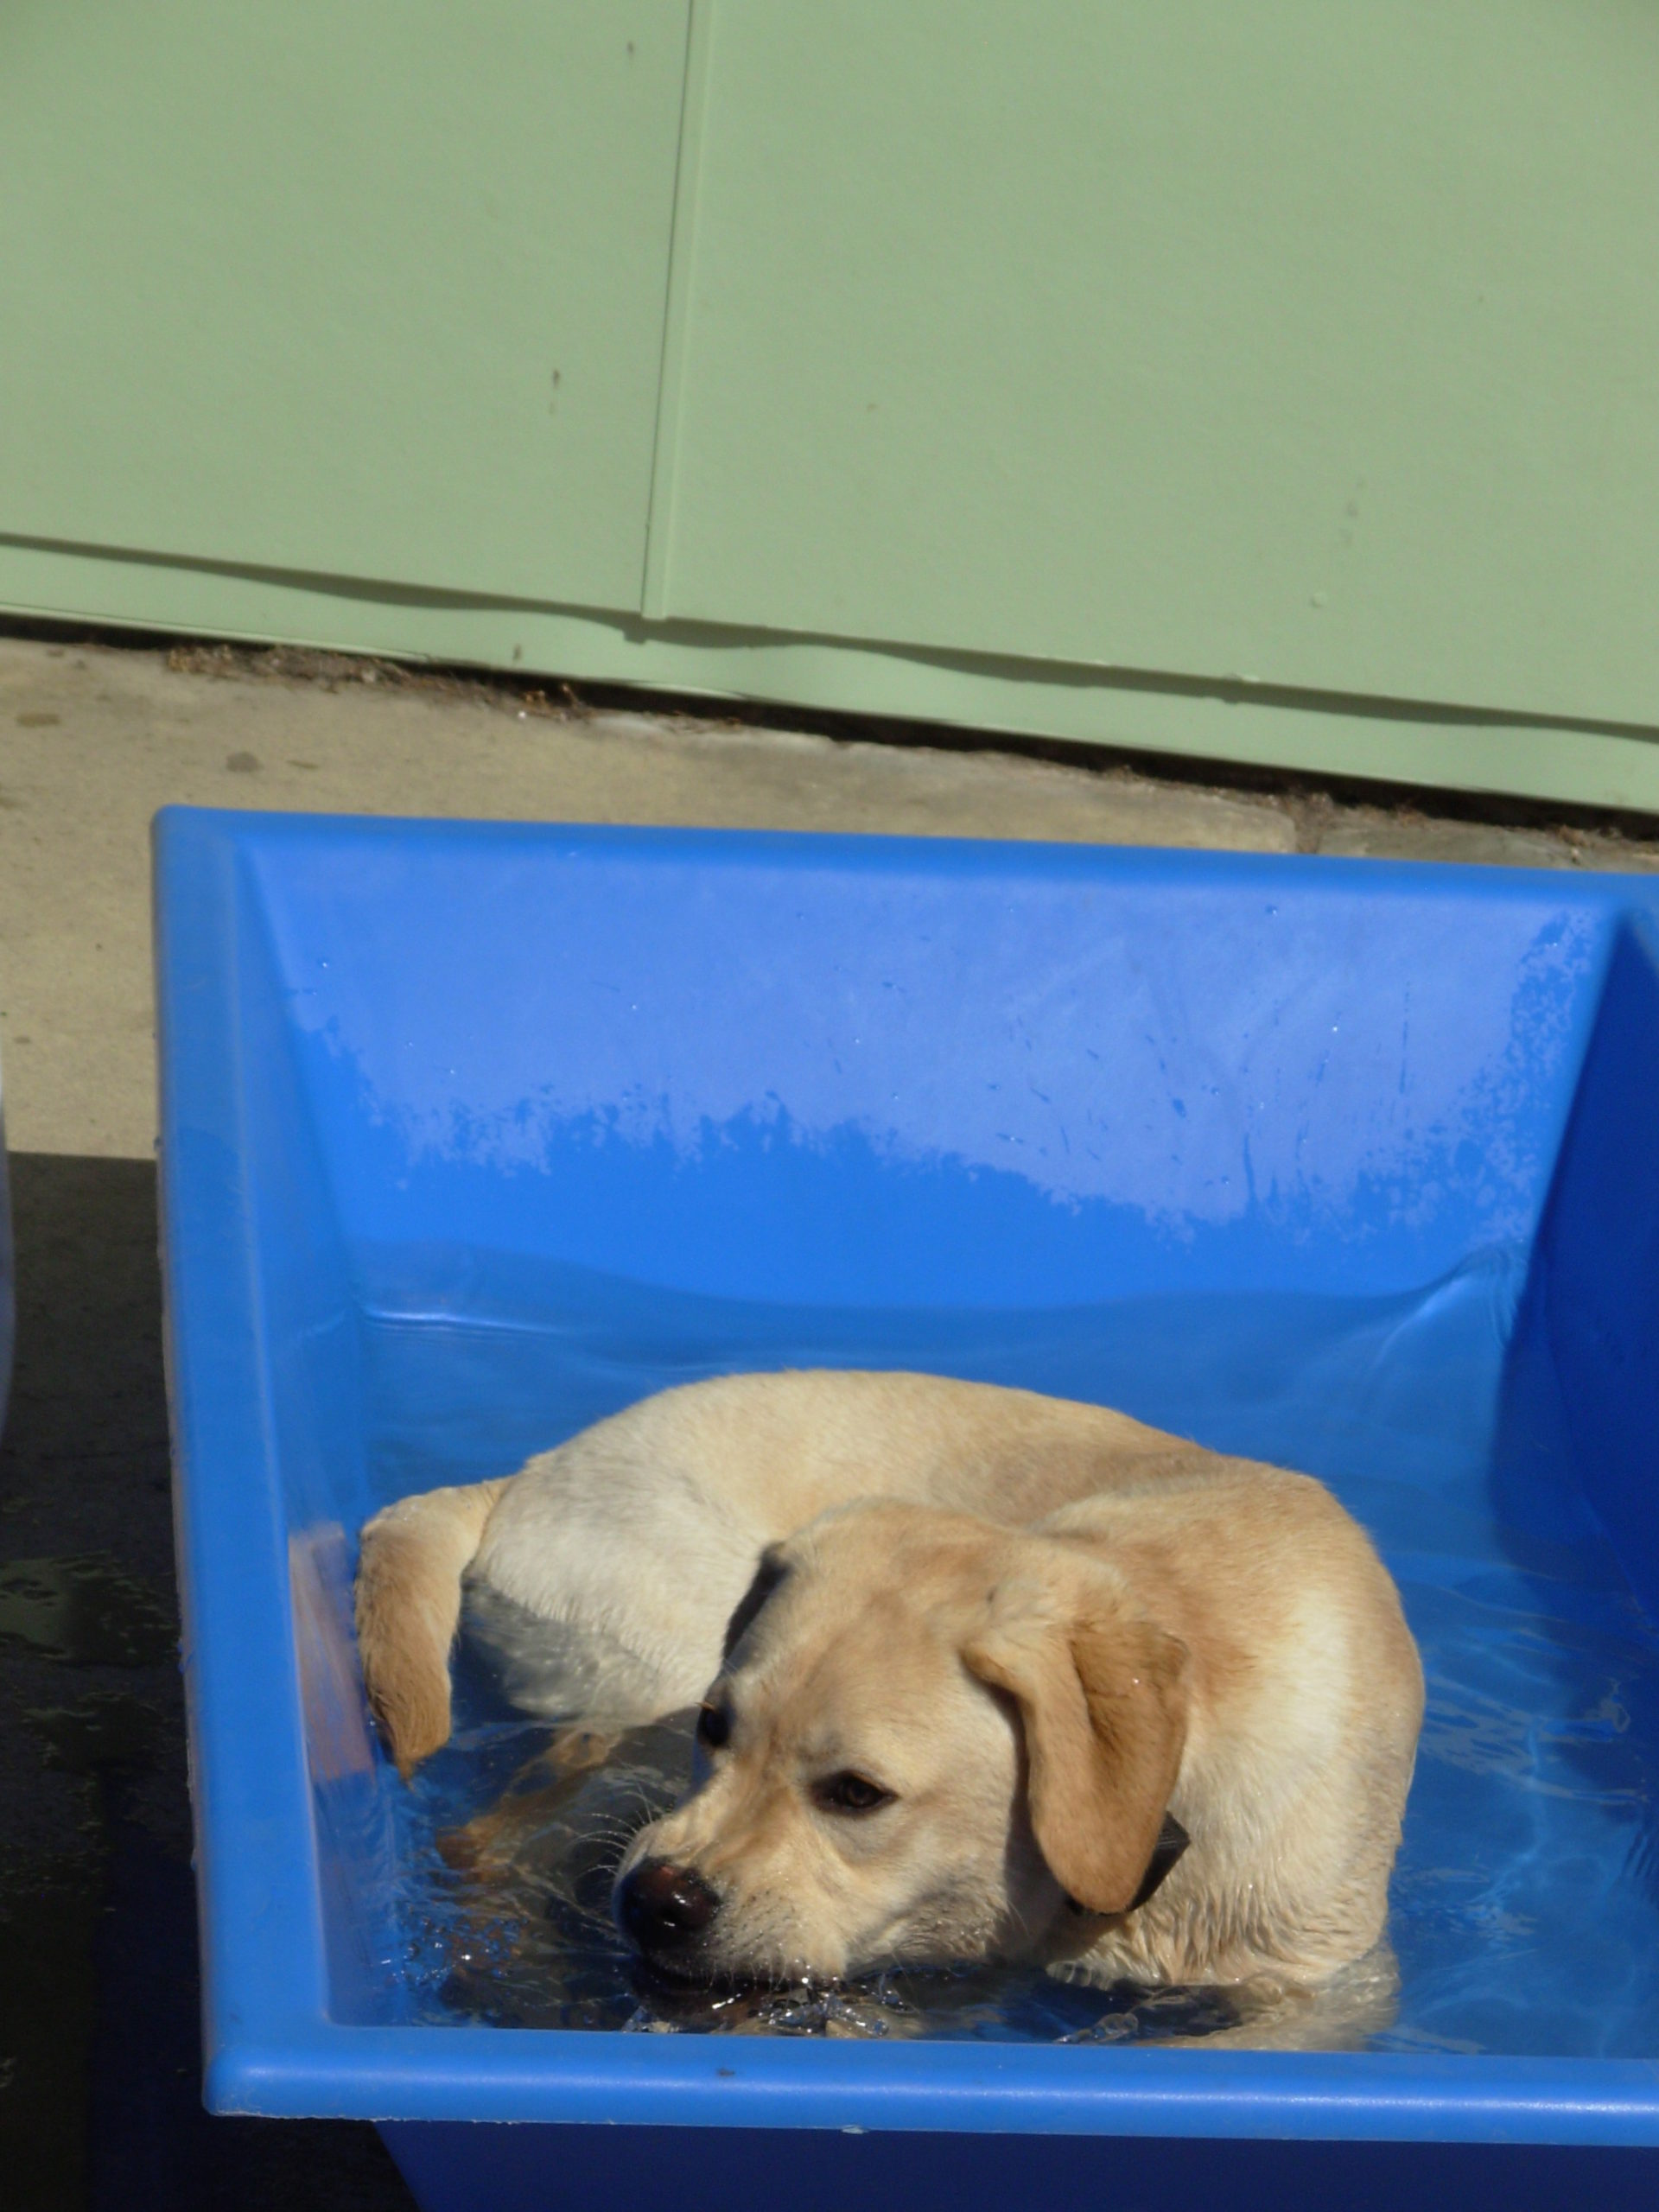 a dog sitting in a tub